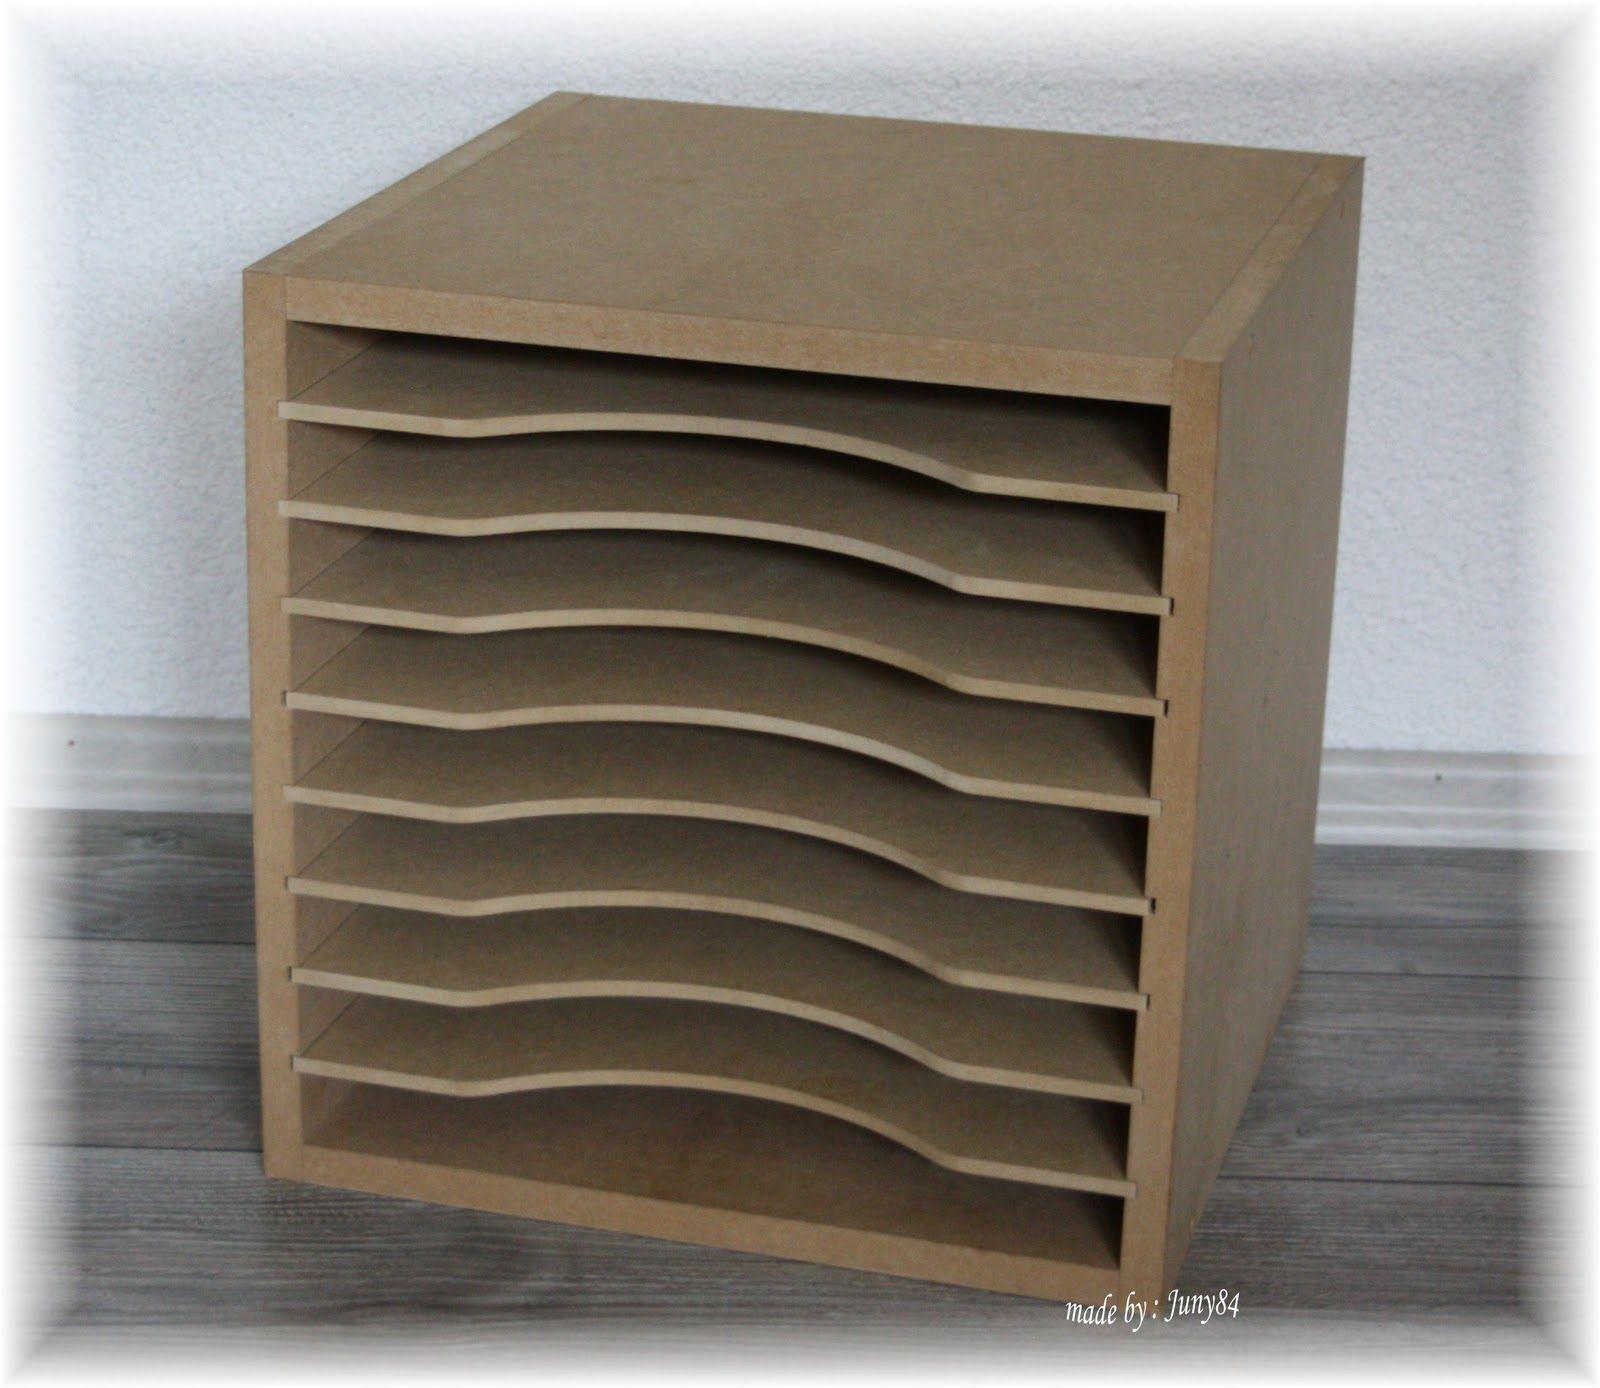 Design Aufbewahrung junia design aufbewahrung für 12 papiere stin up